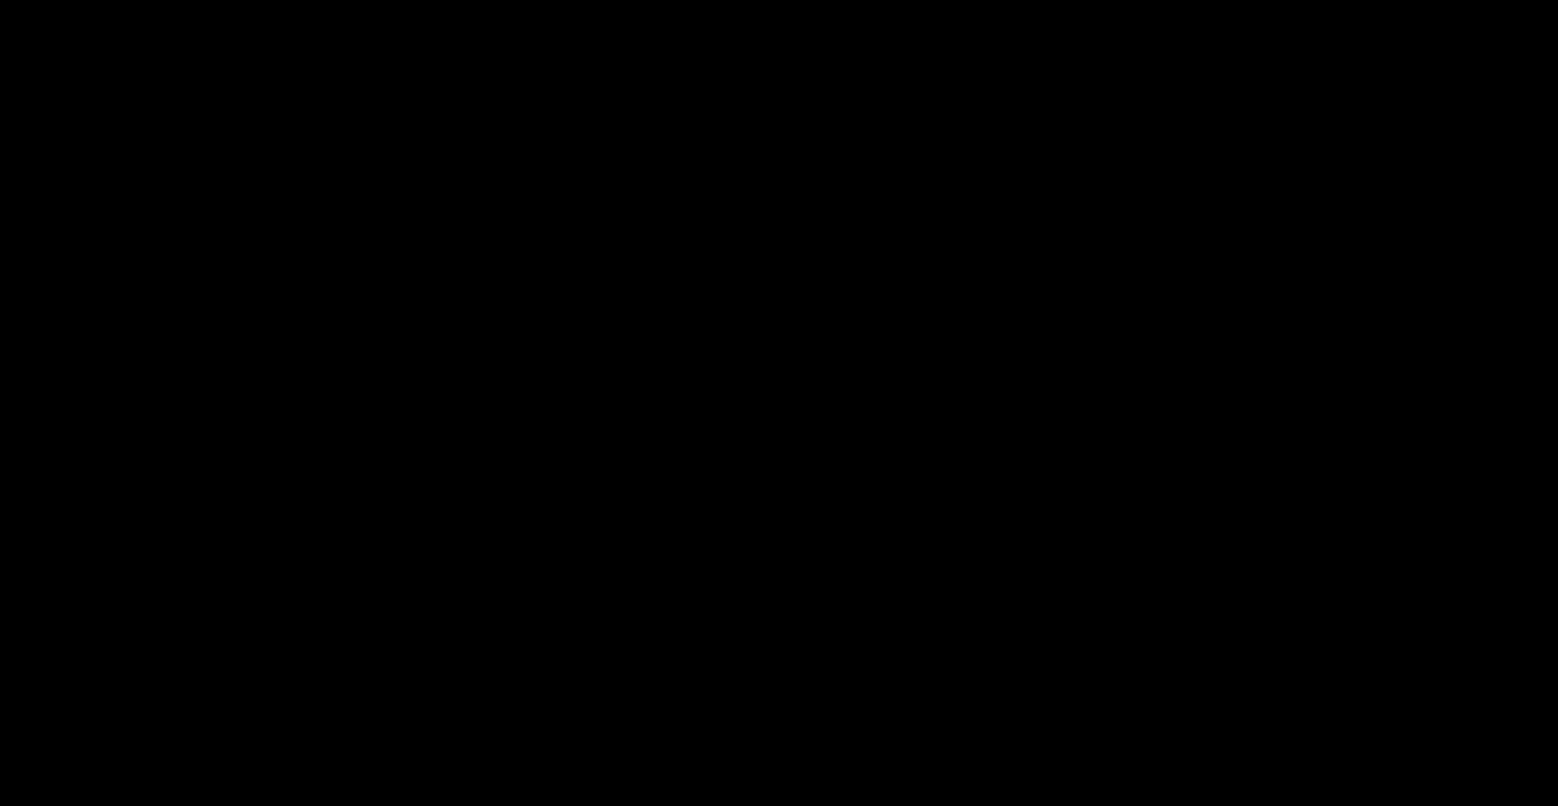 Doom (2016 video game)